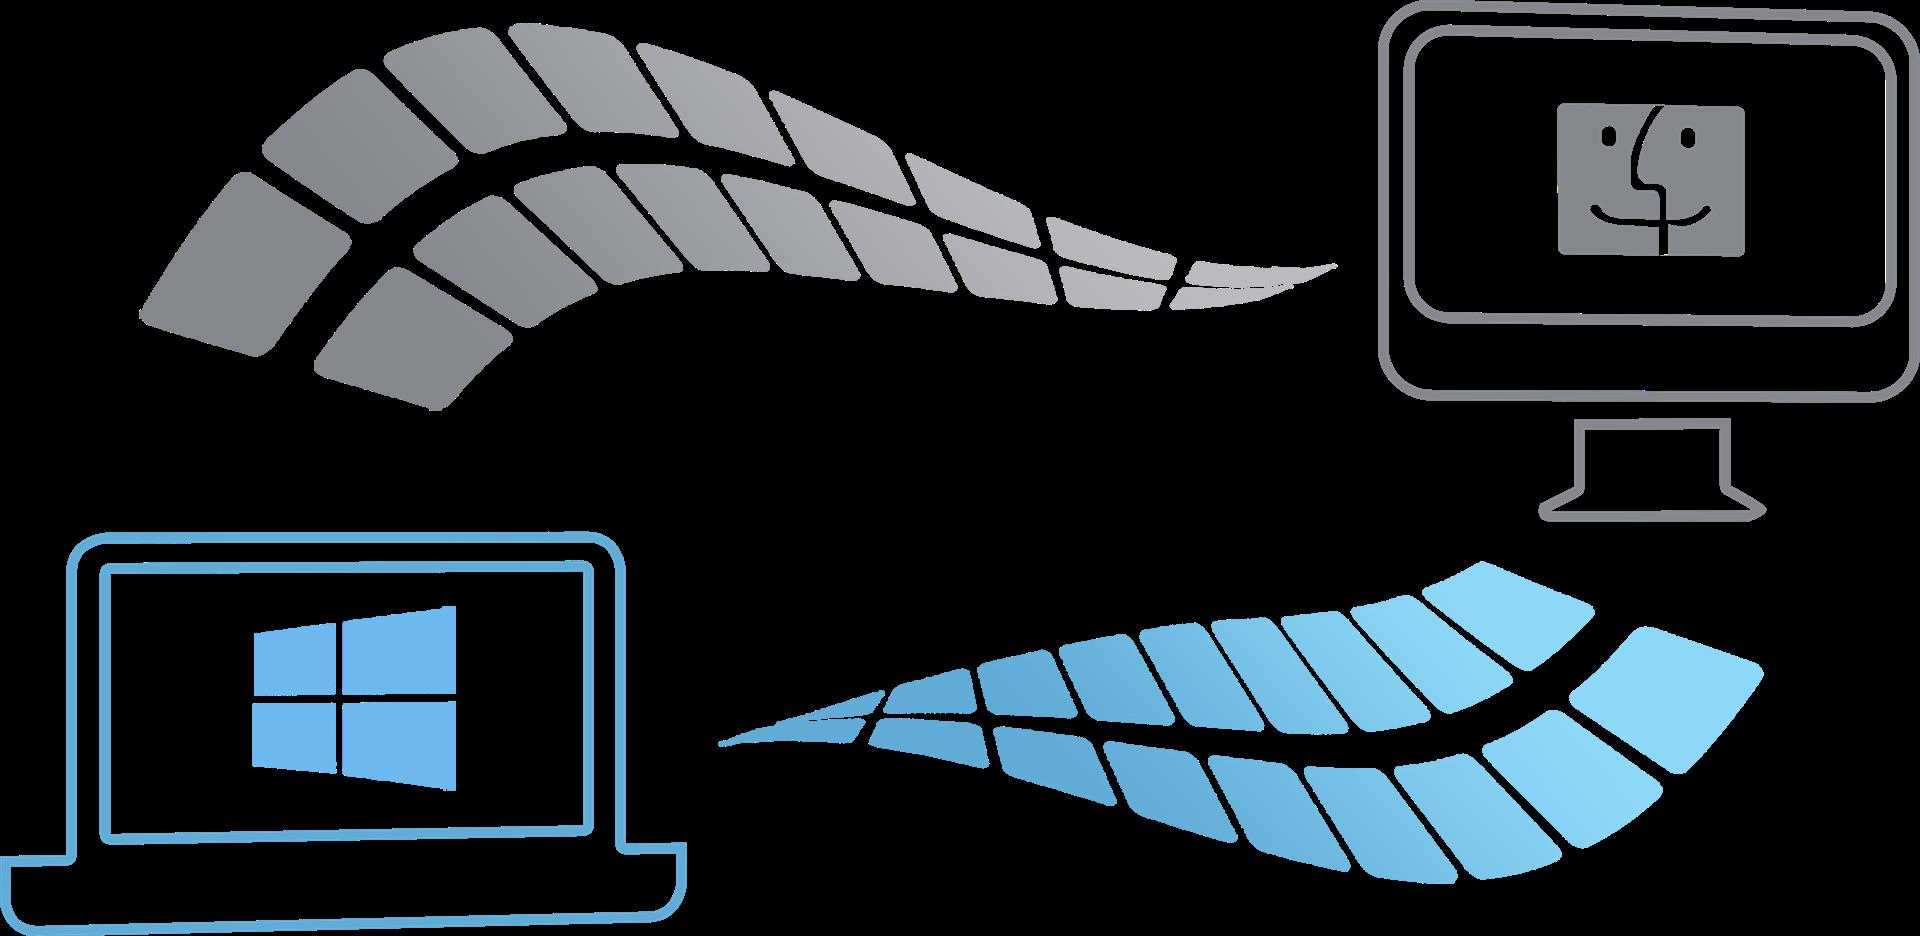 Paragon Mac Bundle: NTFS for Mac 14 and HFS+ for Windows 10 Screenshot